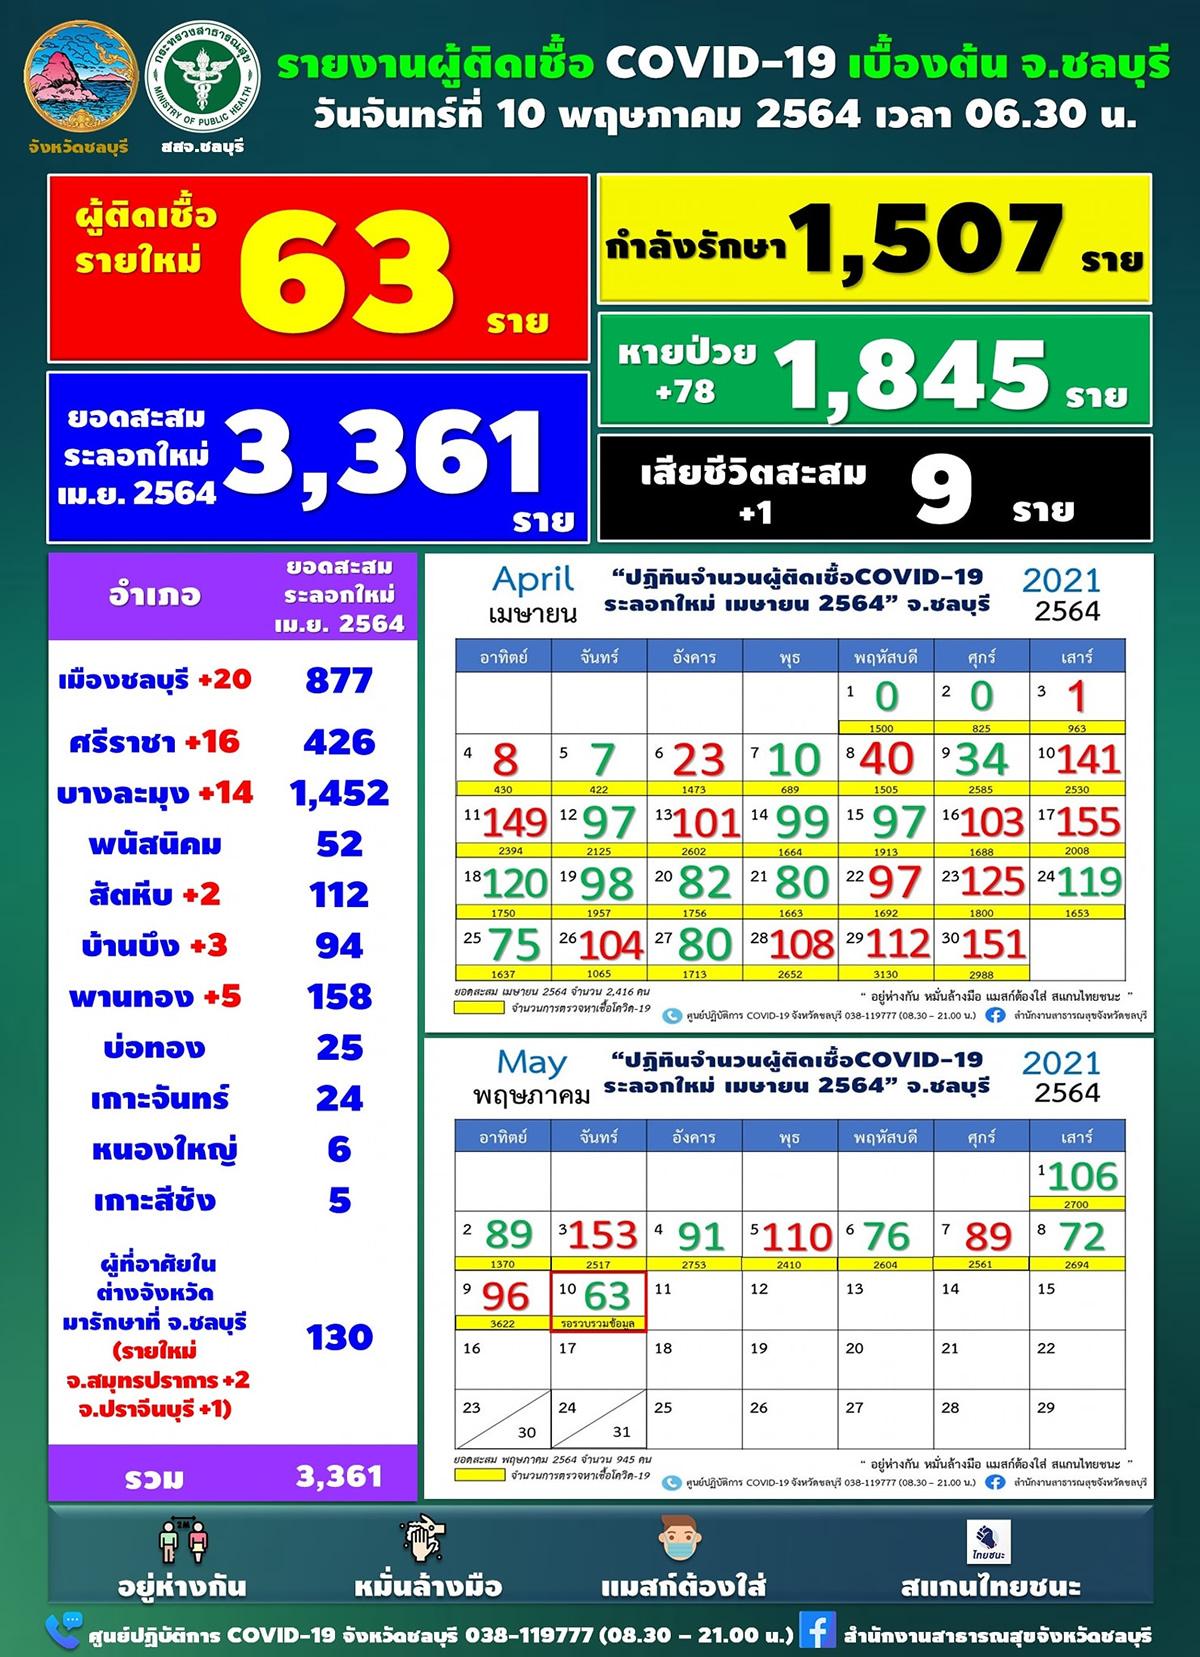 チョンブリ県 新たな陽性は63人、直近1ヶ月内で最少[2021年5月10日発表]